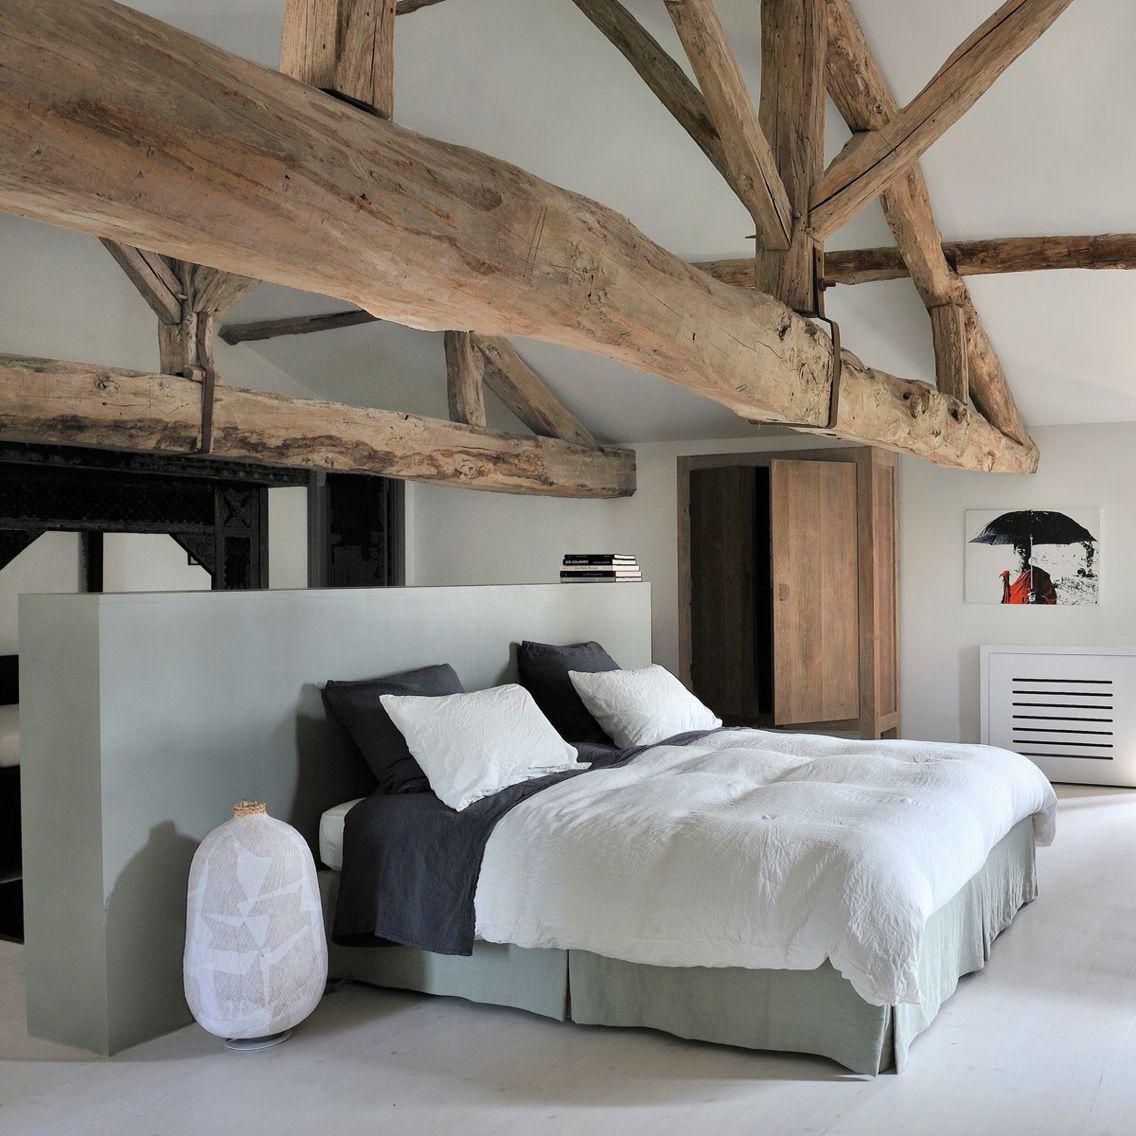 Großartig Traum Schlafzimmer Das Beste Von Traumschlafzimmer